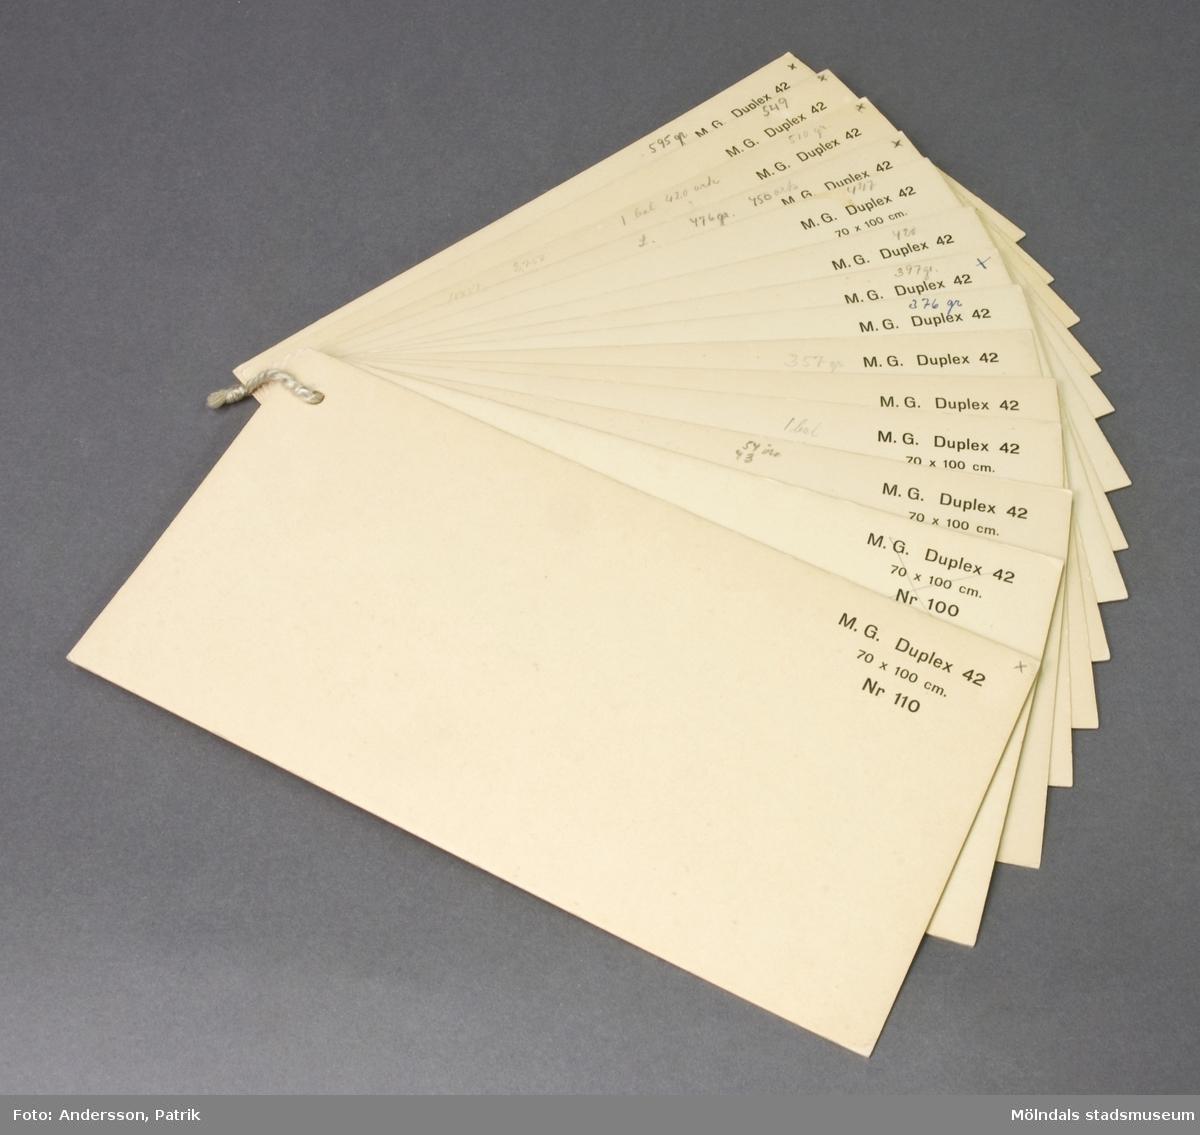 Prover med M.G. Duplex 42 kartong. Produktfakta på varje ark. Gulnade (vita) kartonger i olika gramvikter. Handskrivna anteckningar. Litteratur: Papyrus 1895-1945, Minnesskrifter, Esseltes Göteborgsindustrier AB, Göteborg 1945.